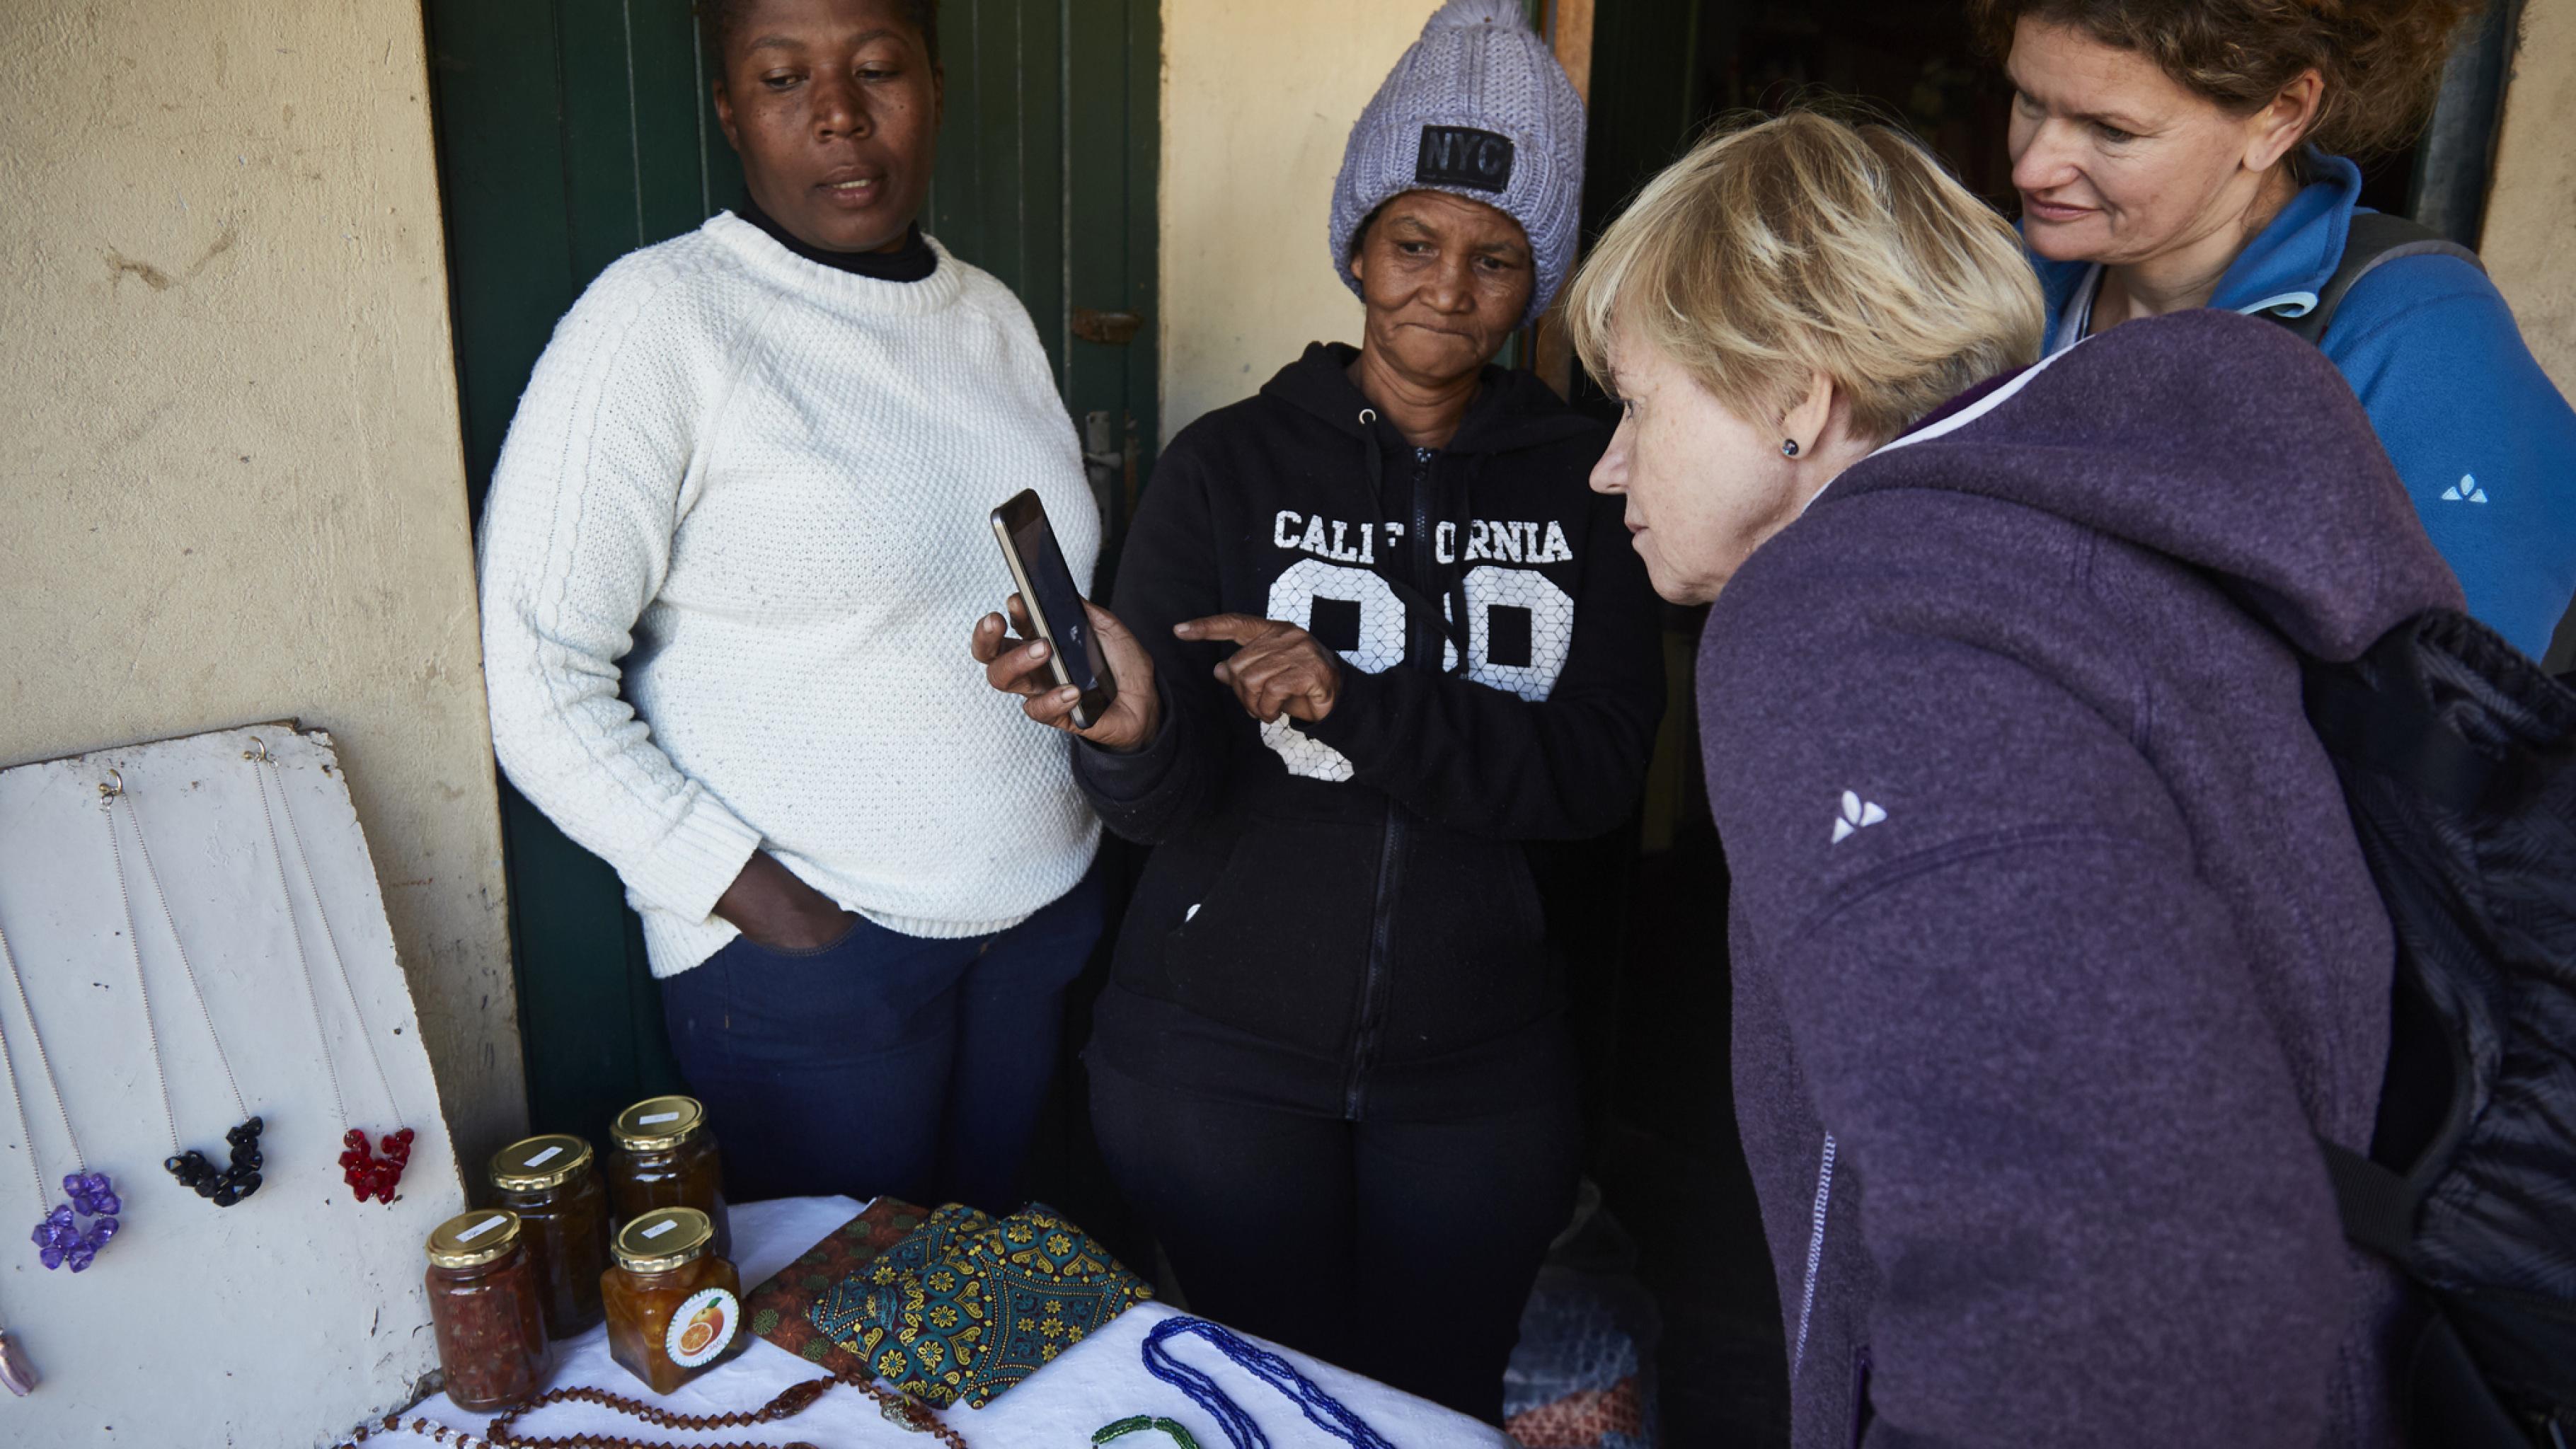 Bongeka Ntshweza, Magrieta Arendse, Gaby und Ulrike (v.l.) schauen sich Magrietas Schmuck an, den sie in ihrer Community verkauft.